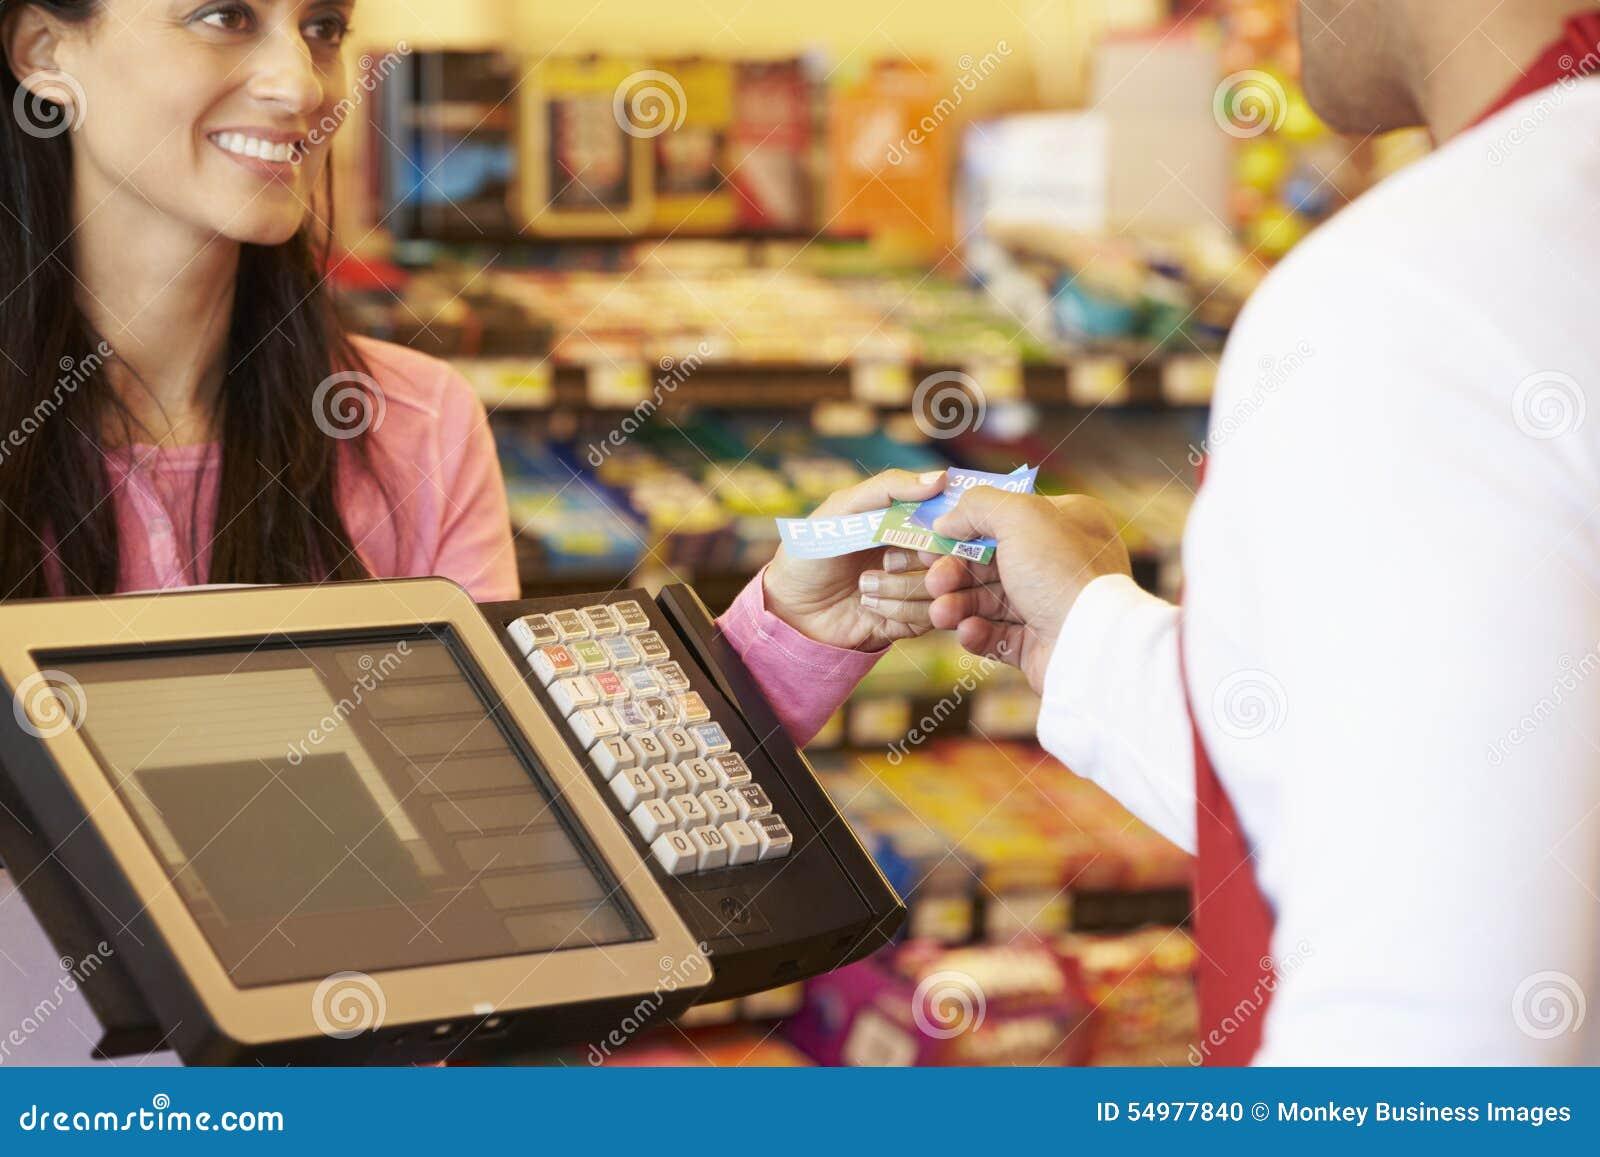 Kund som betalar för att shoppa på kontrollen med kortet